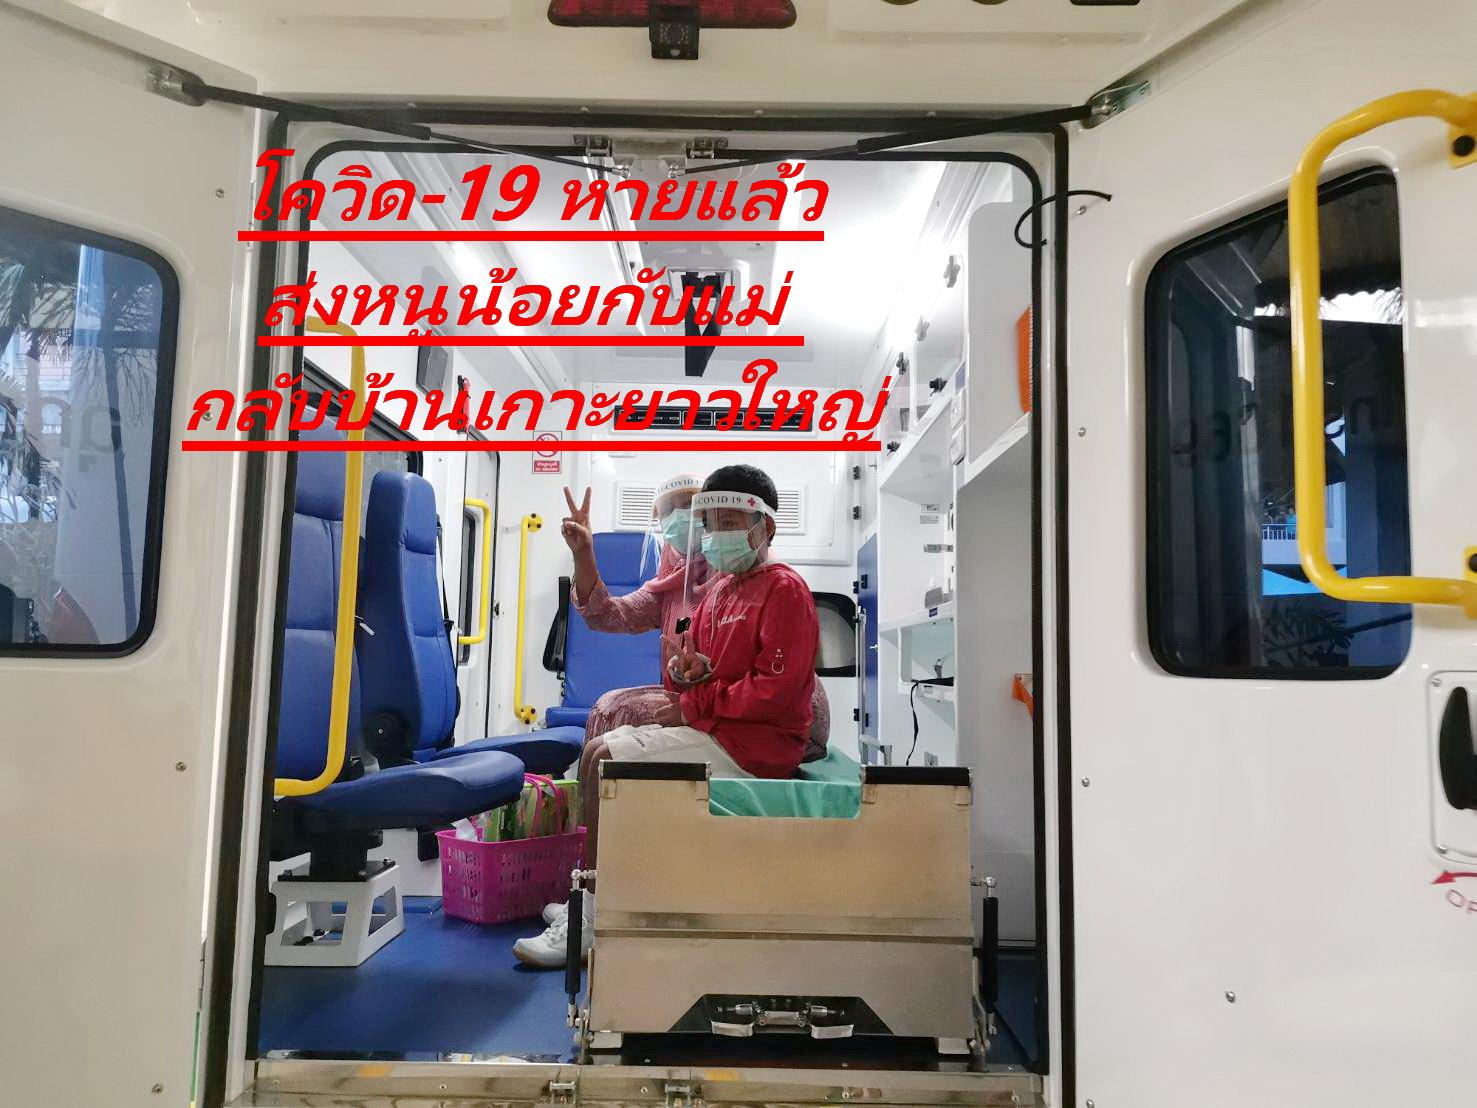 แพทย์พยาบาลมอบของขวัญพร้อมปรบมือส่งแม่ลูกหายจากโควิด-19 ไปลงเรือกลับเกาะยาว